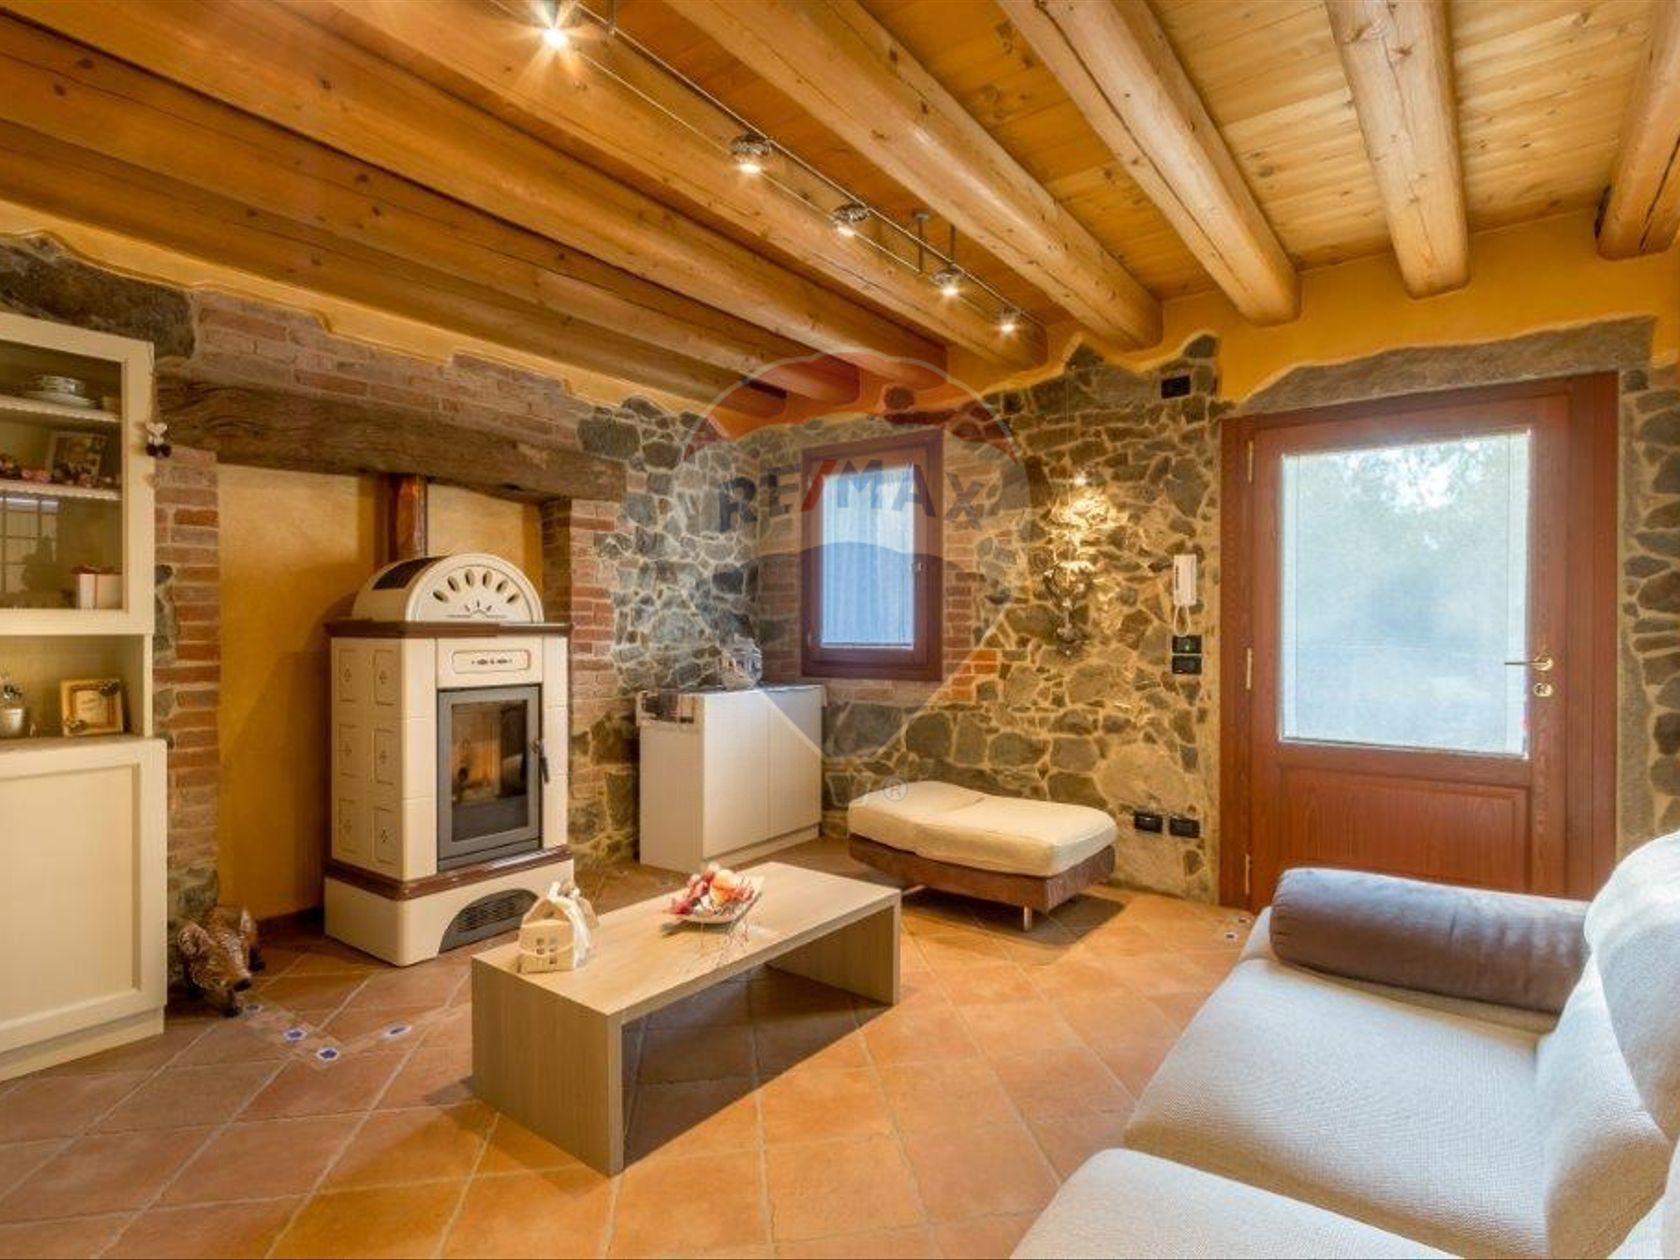 Casa Indipendente Castelnuovo, Teolo, PD Vendita